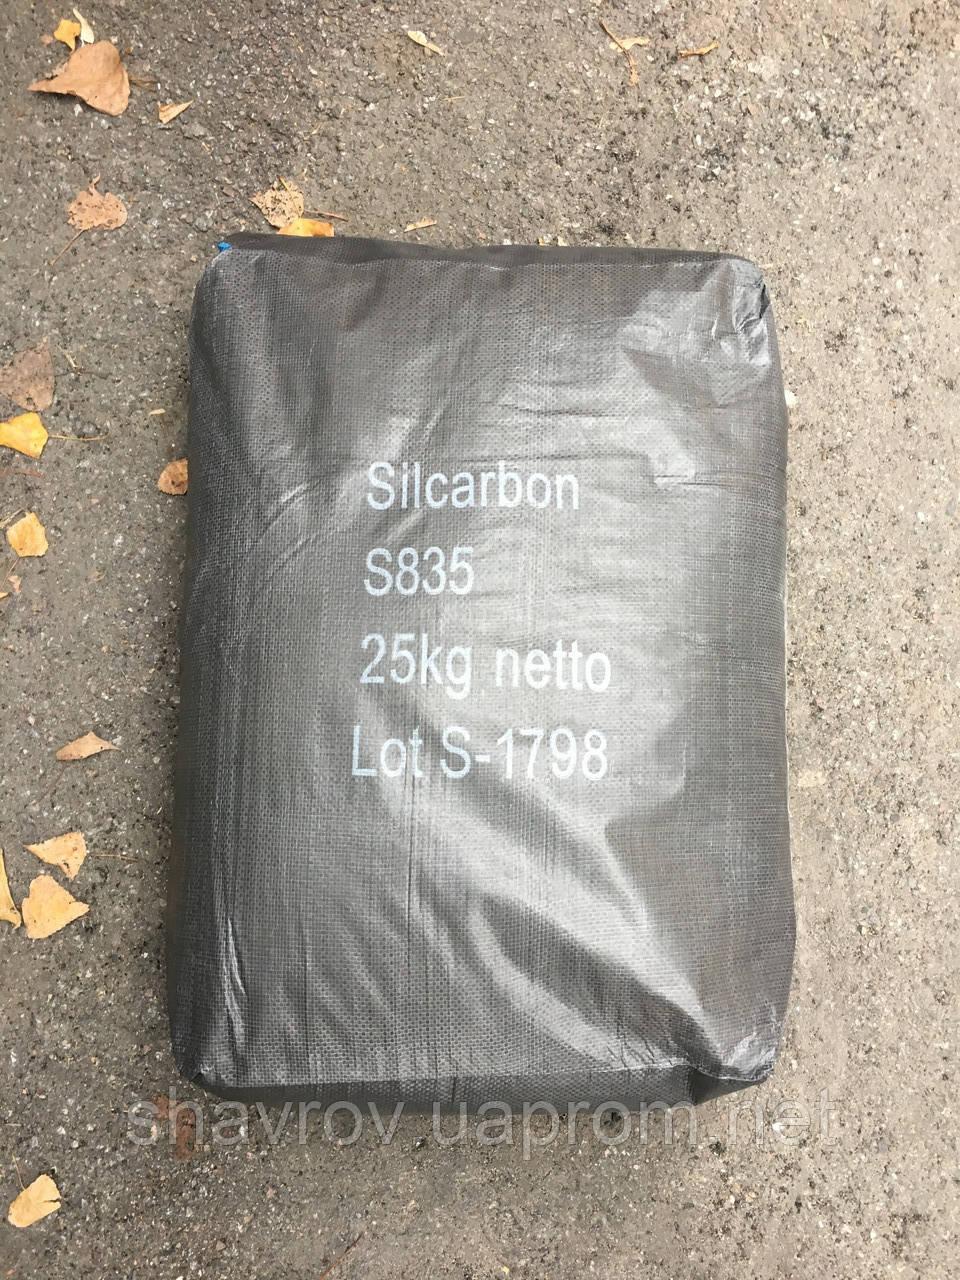 Уголь активированный для очистки воды битуминозный Silcarbon/Силкарбон S835 Киев